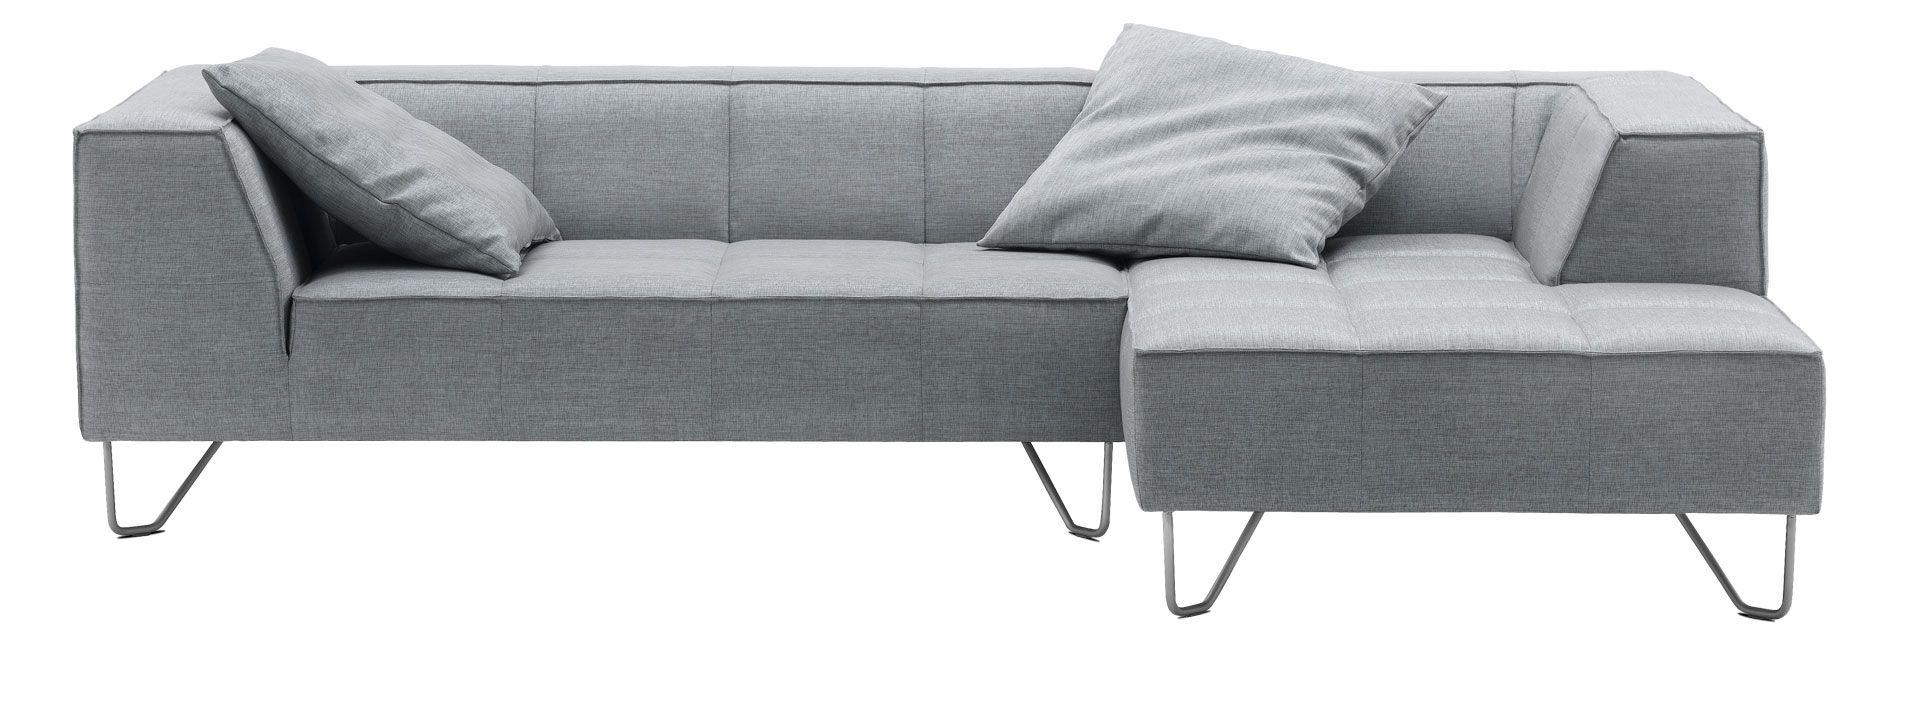 Milos Sofa By Bo Concept In Gray Sazza Fabric